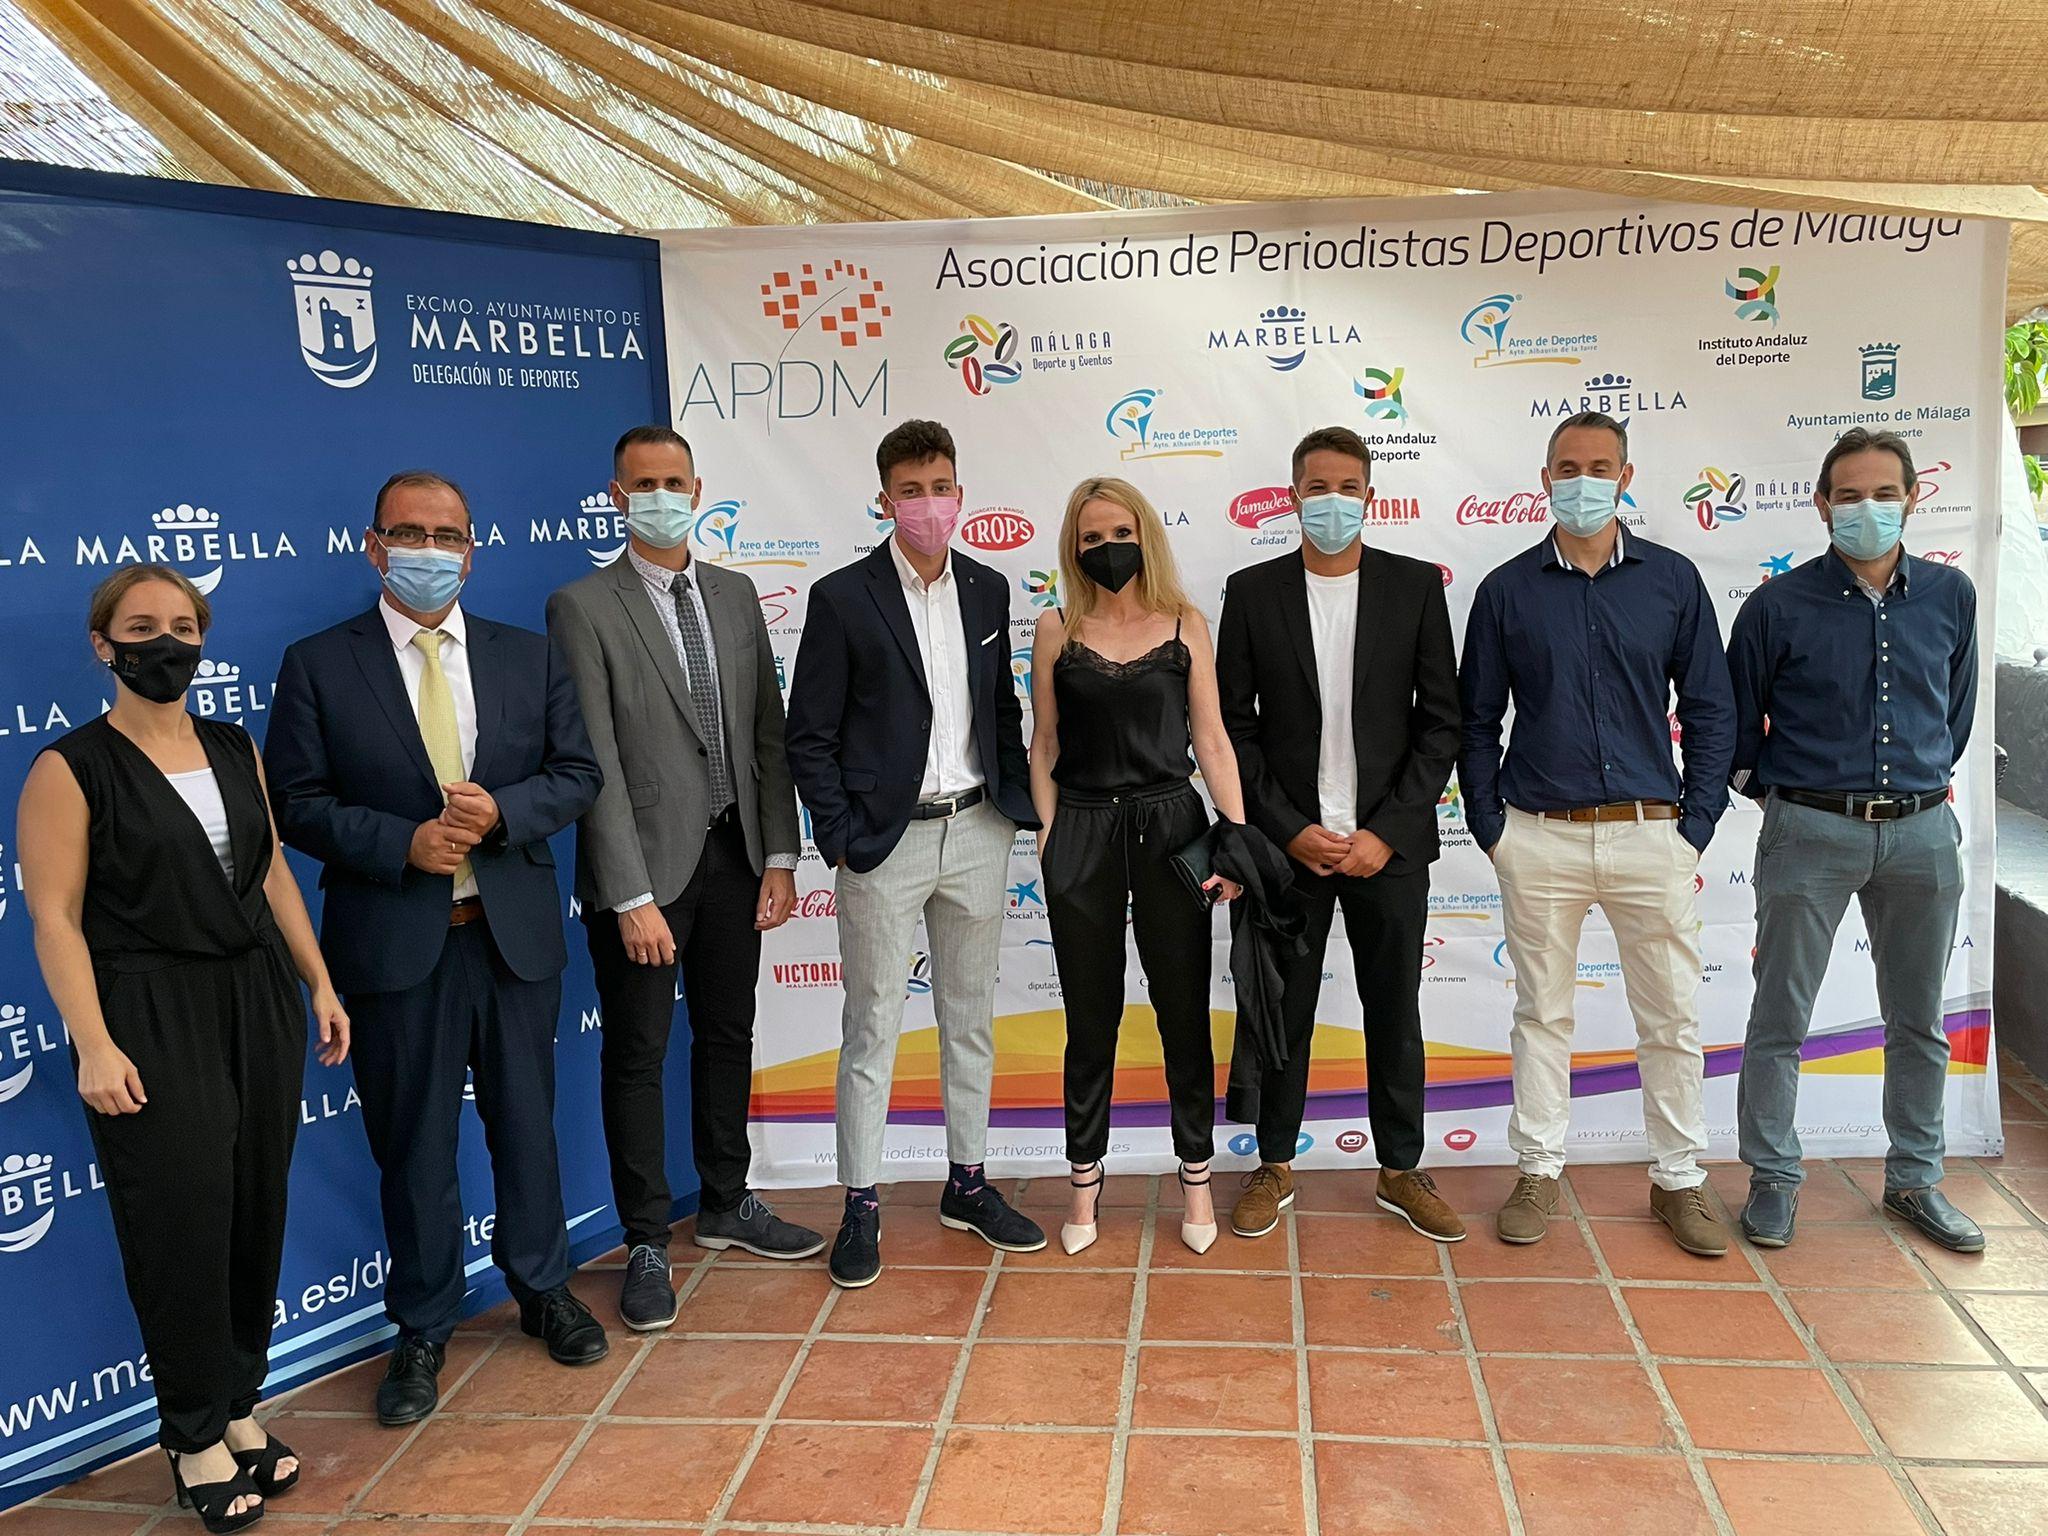 Ganadores y jurado del I Premio de Periodismo Deportivo Ciudad de Marbella. Fuente: Avance Deportivo